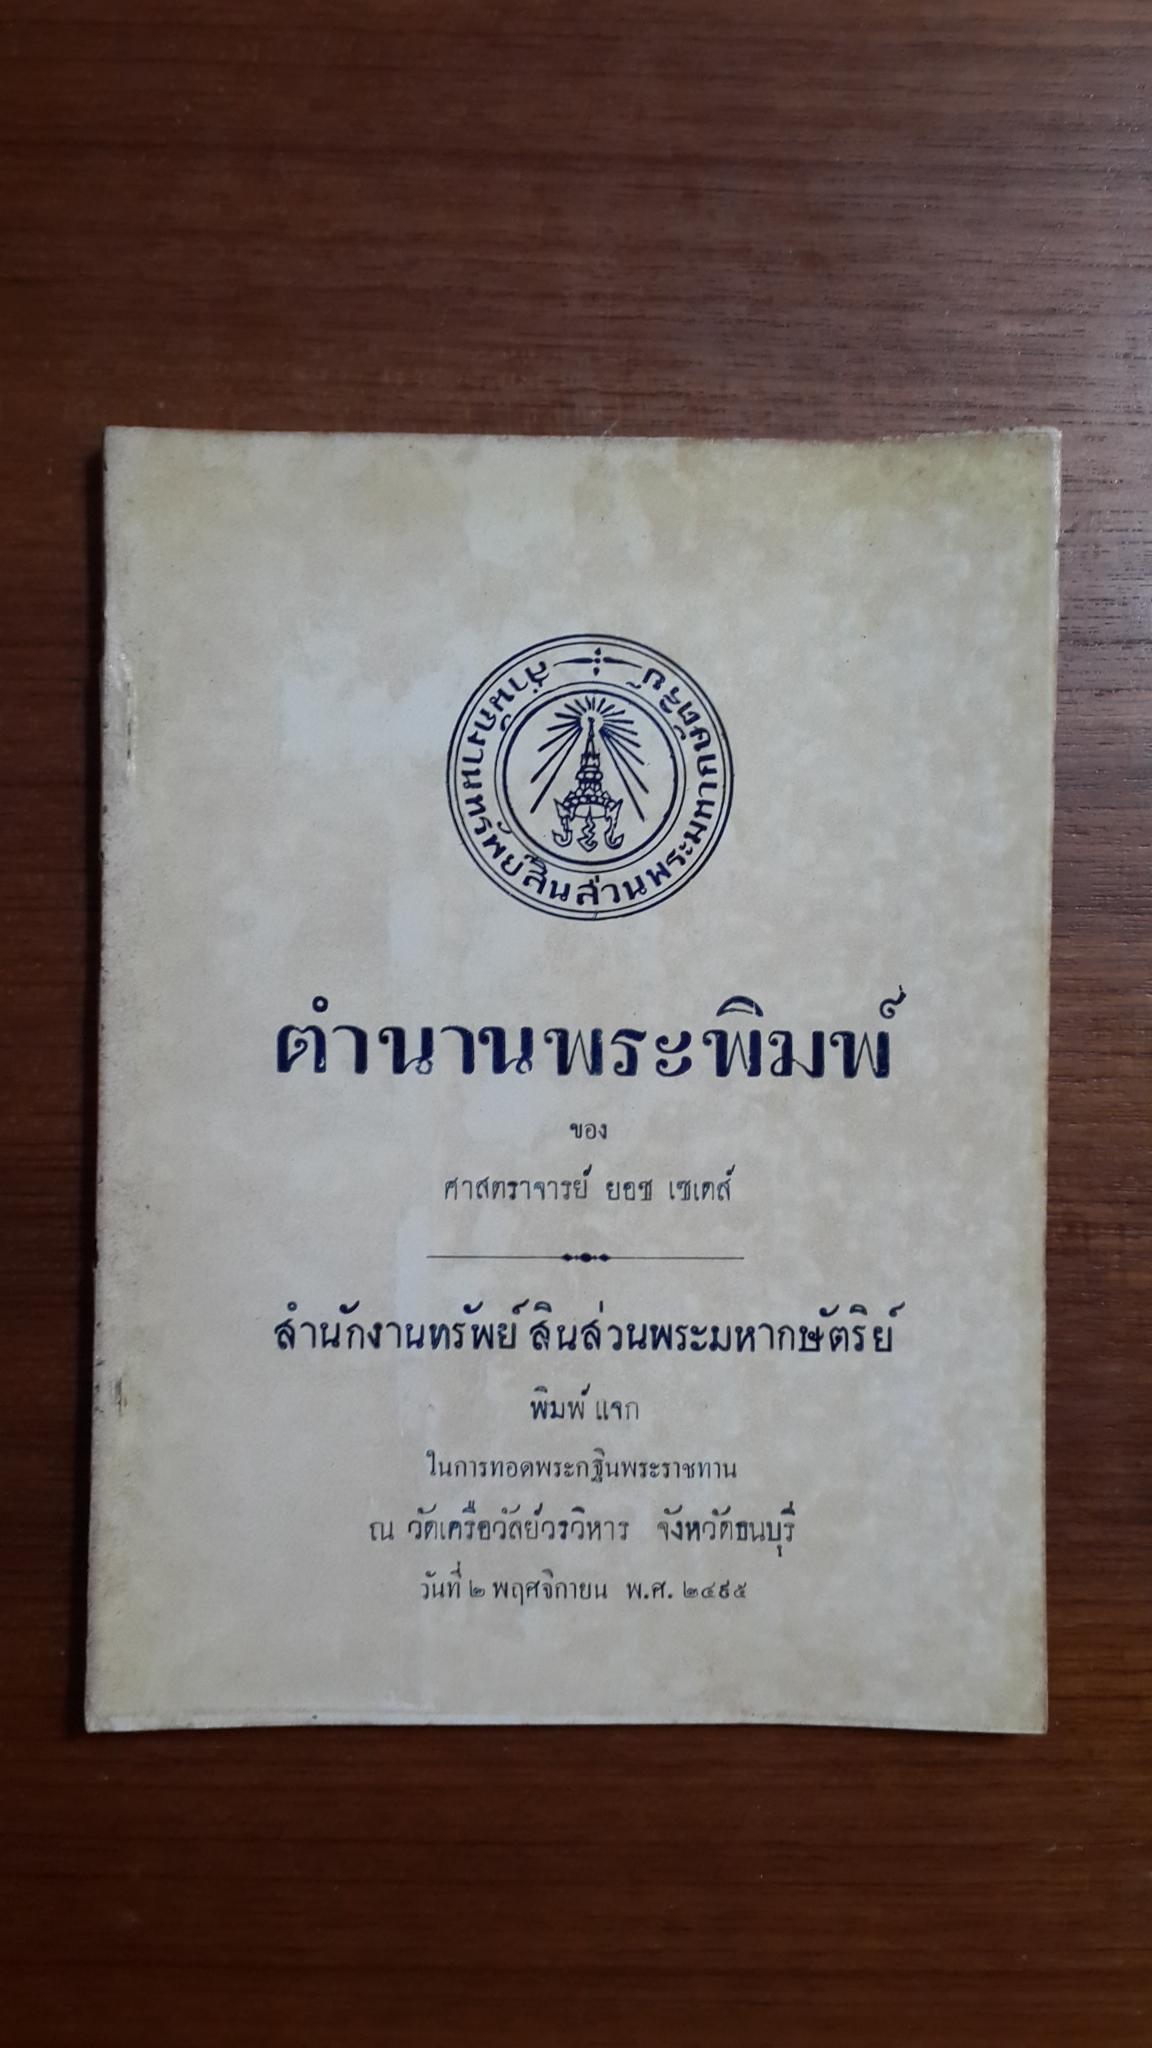 ตำนานพระพิมพ์ ของ ศาสตราจารย์ ยอช เซเดส์ / สำนักงานทรัพย์สินส่วนพระมหากษัตริย์ พิมพ์แจก (มีตราห้องสมุด)